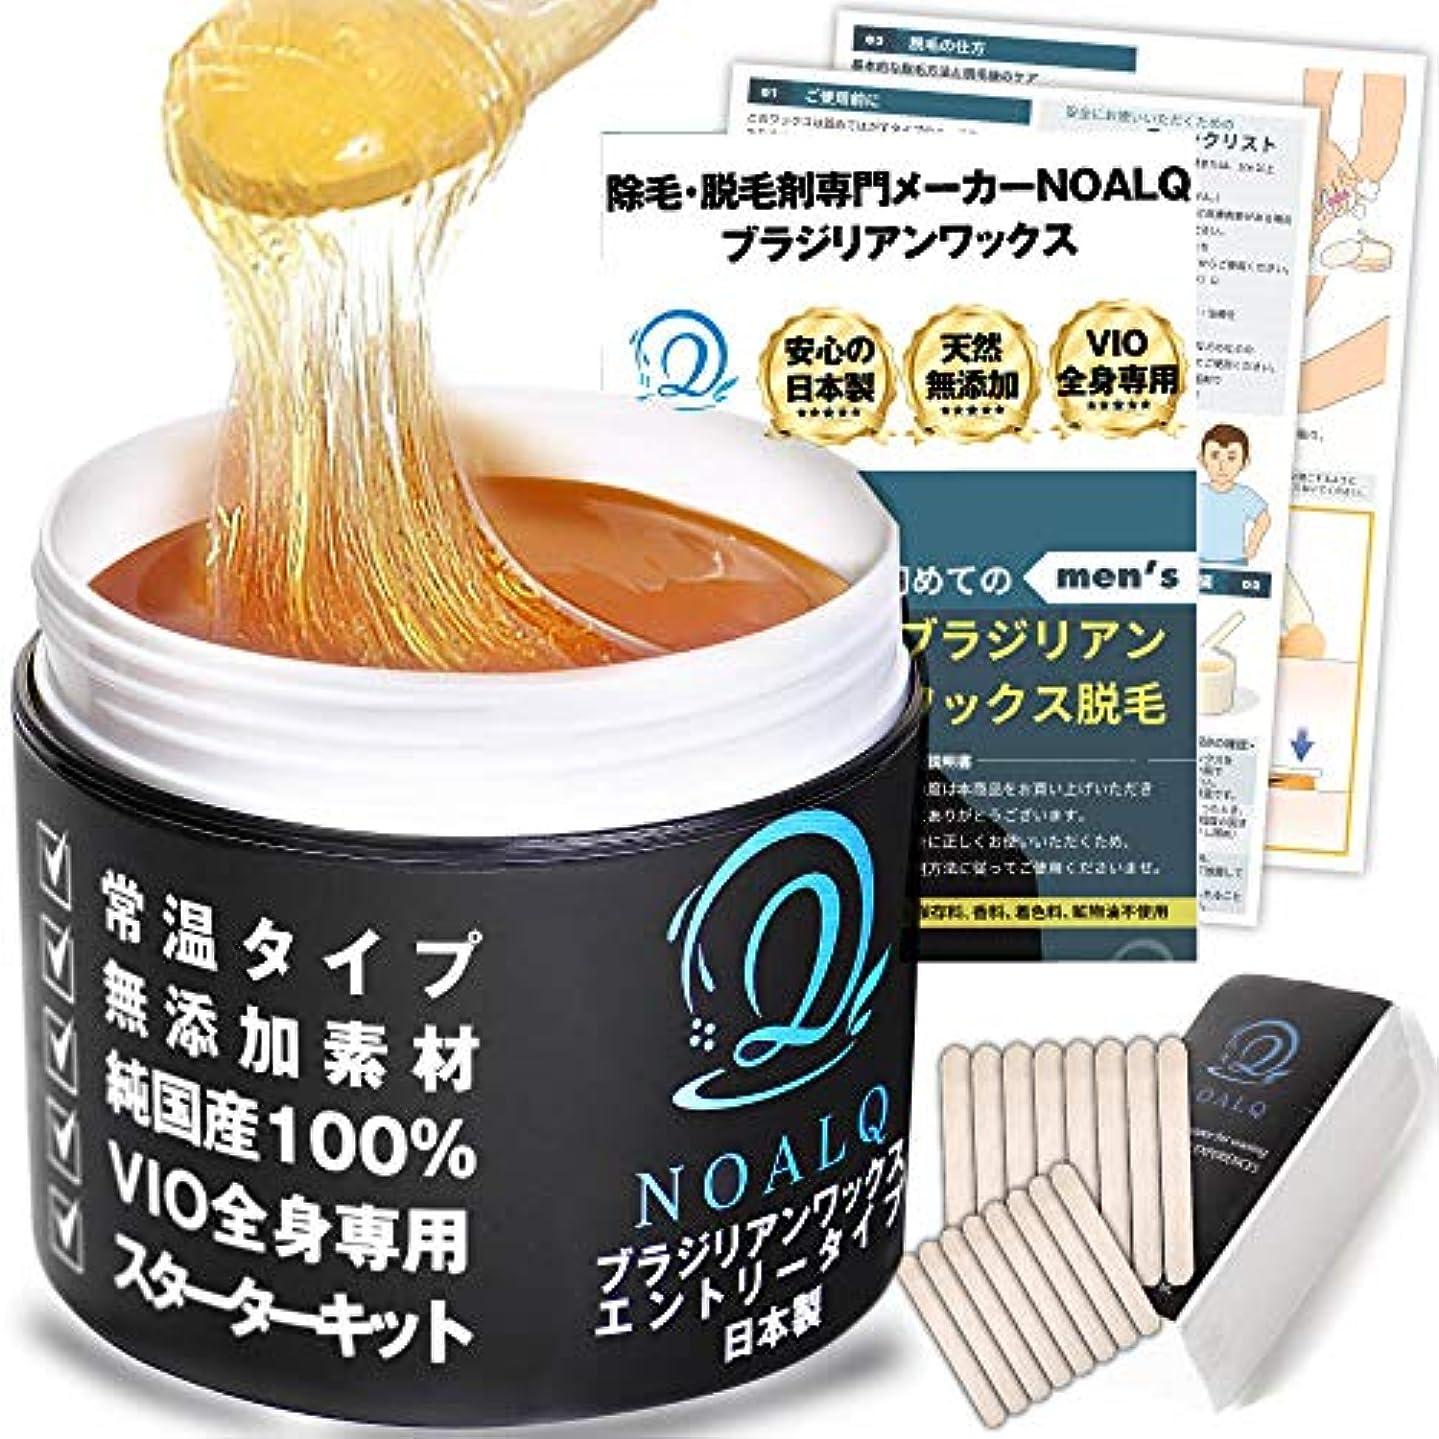 時間とともに直径成長NOALQ(ノアルク) ブラジリアンワックス エントリータイプ 天然無添加素材 純国産100% VIO 全身脱毛専用 スターターキット